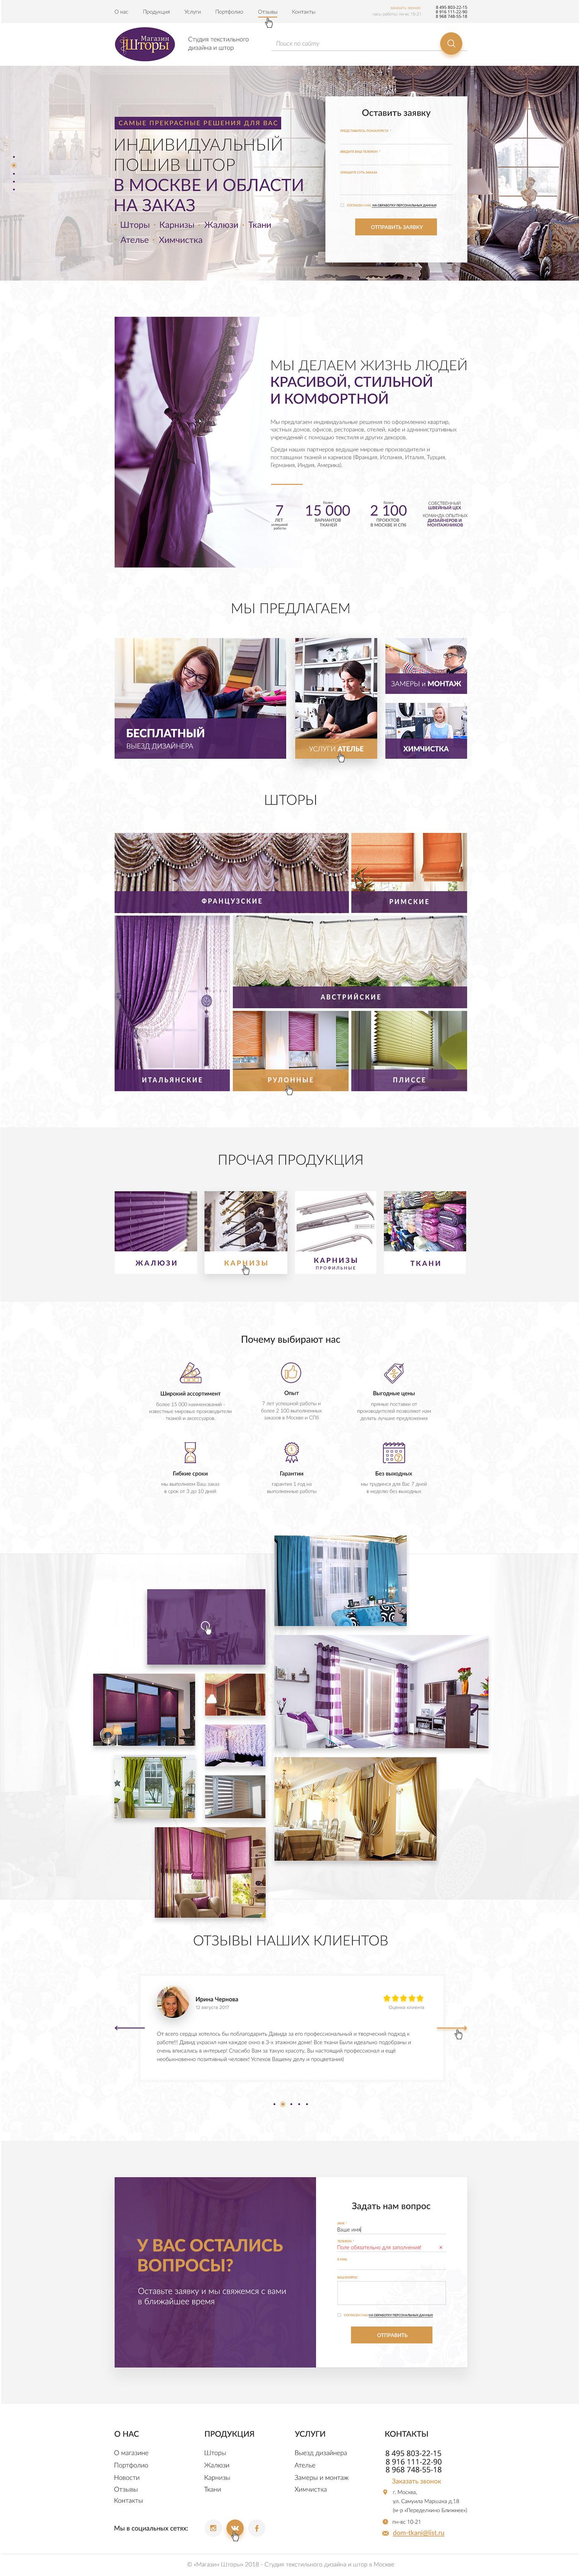 Студия текстильного дизайна и штор